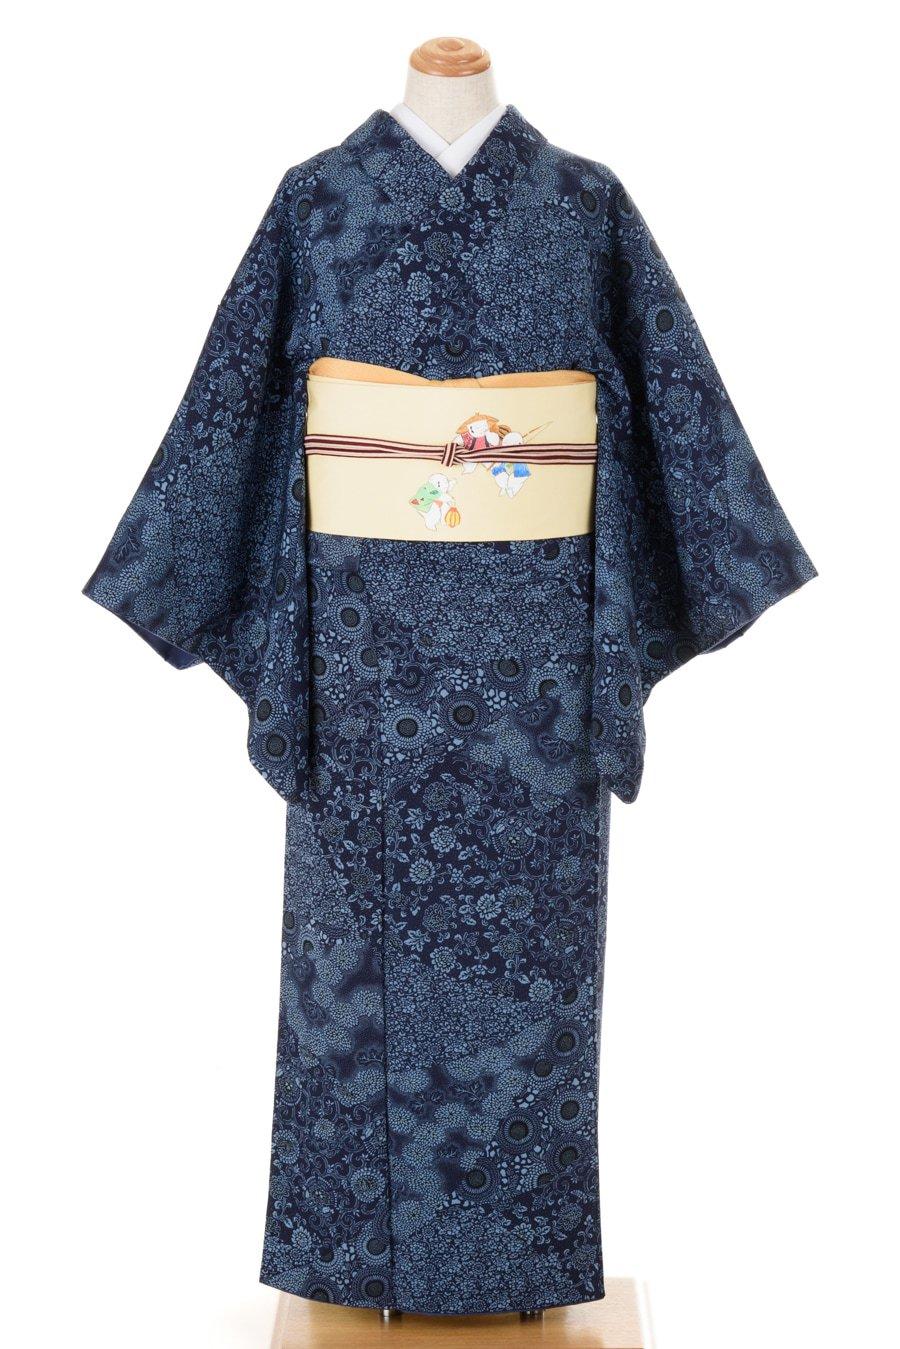 「藍色 縮緬 菊と唐草」の商品画像